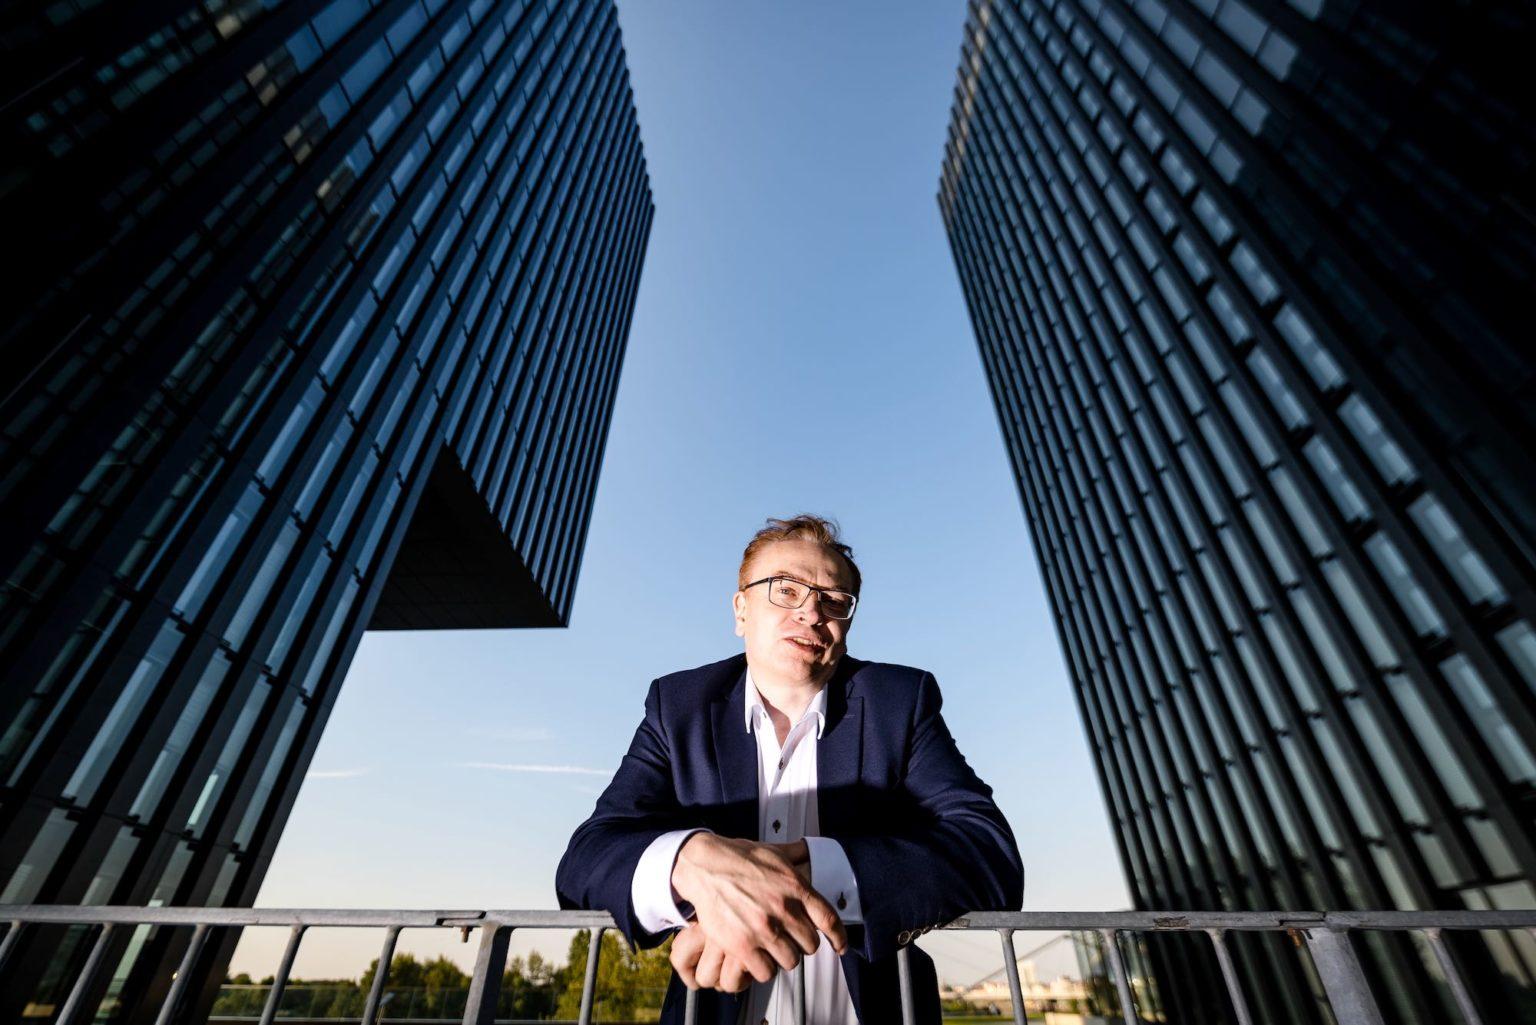 Wolfgang Schmid Portrait im Medienhafen zwischen Hochhäusern